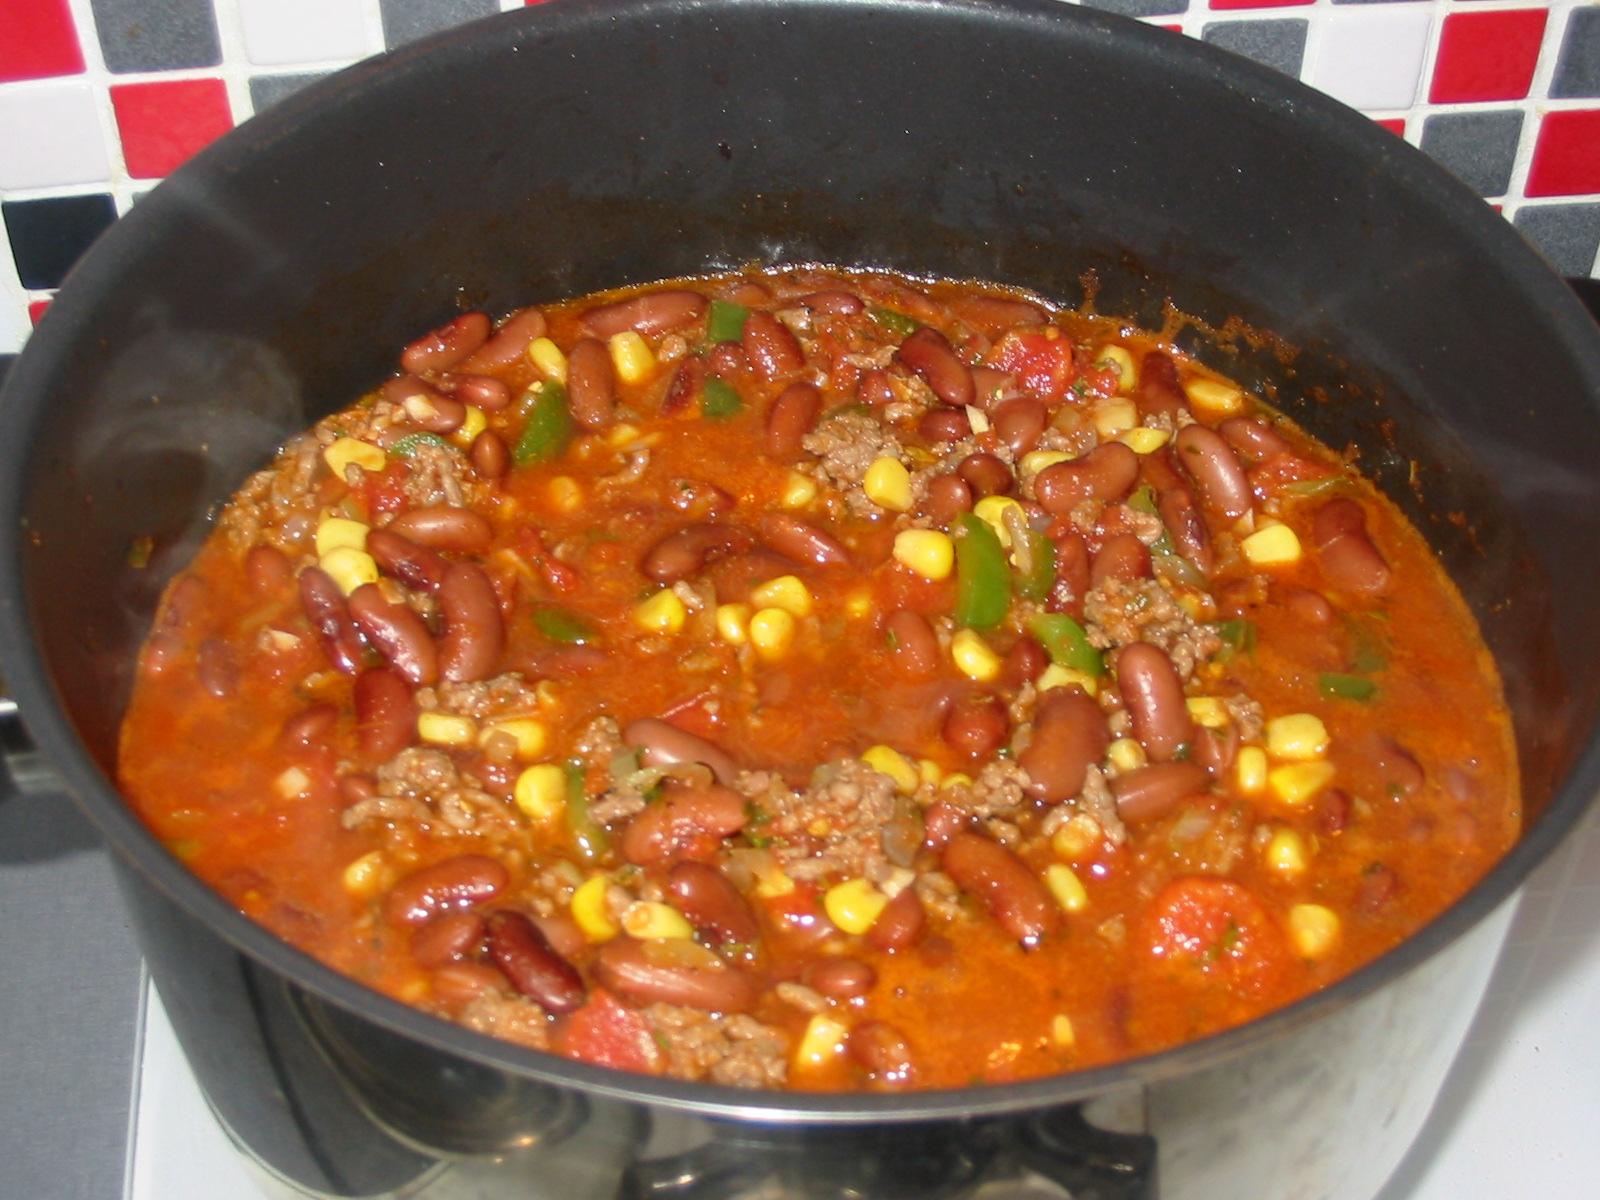 Le blog de waago chili con carne maison - Chili con carne maison ...